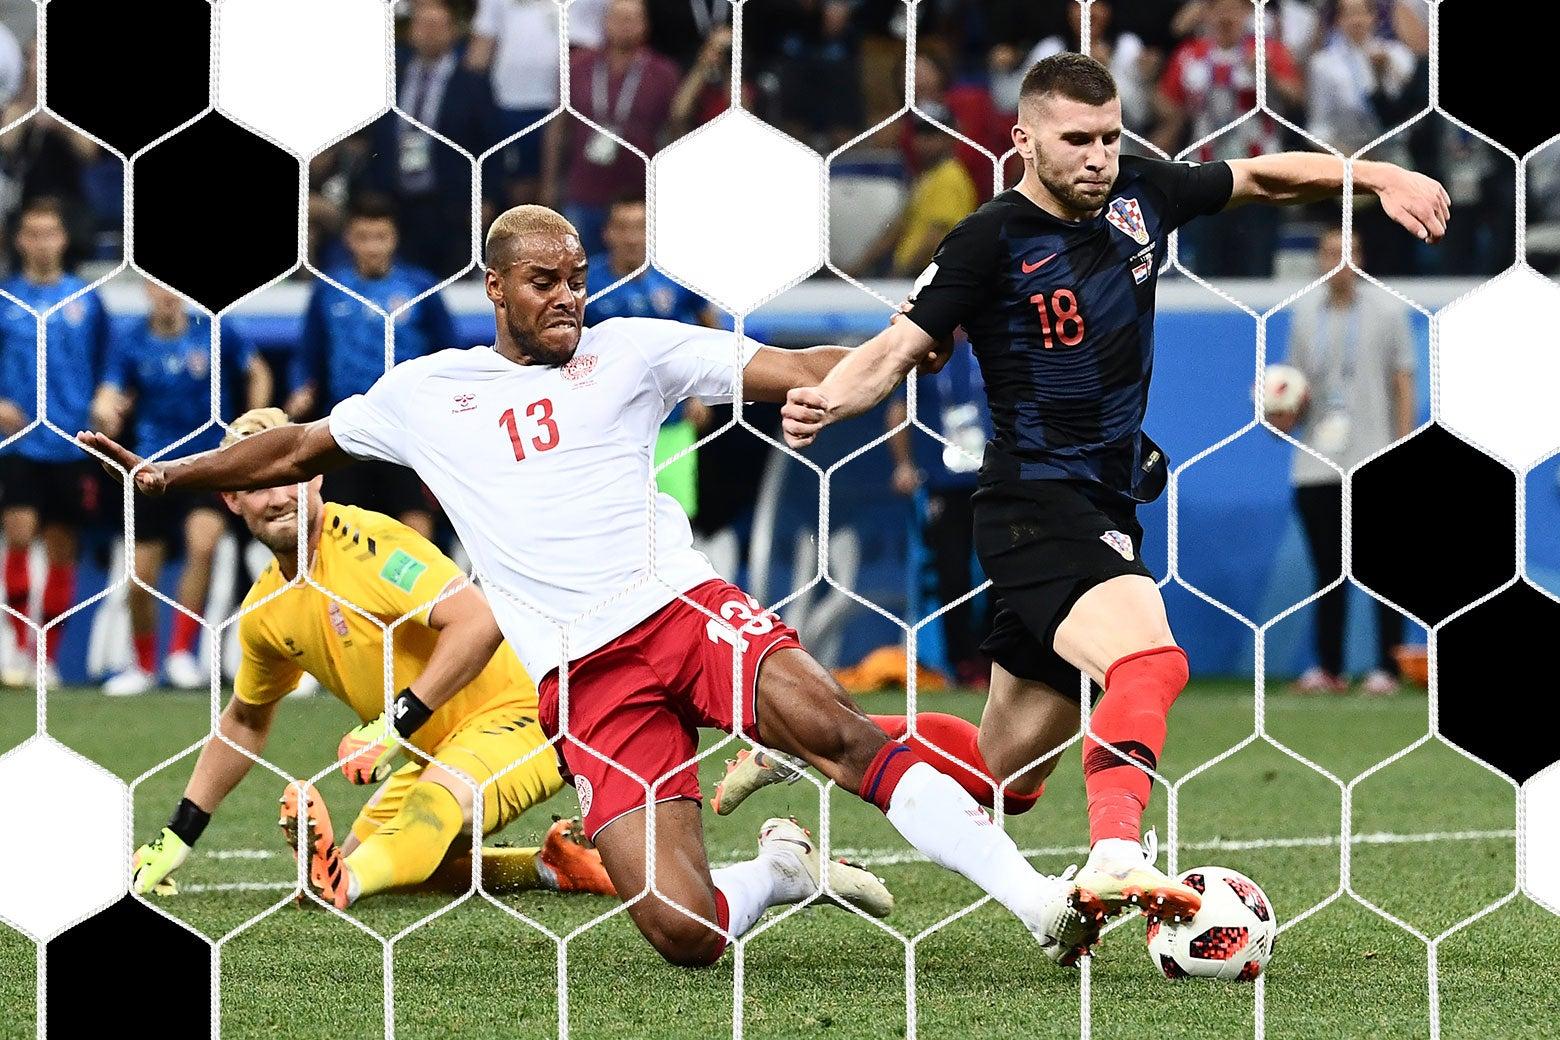 Denmark's defender Mathias Jørgensen fouls Croatia's forward Ante Rebić.